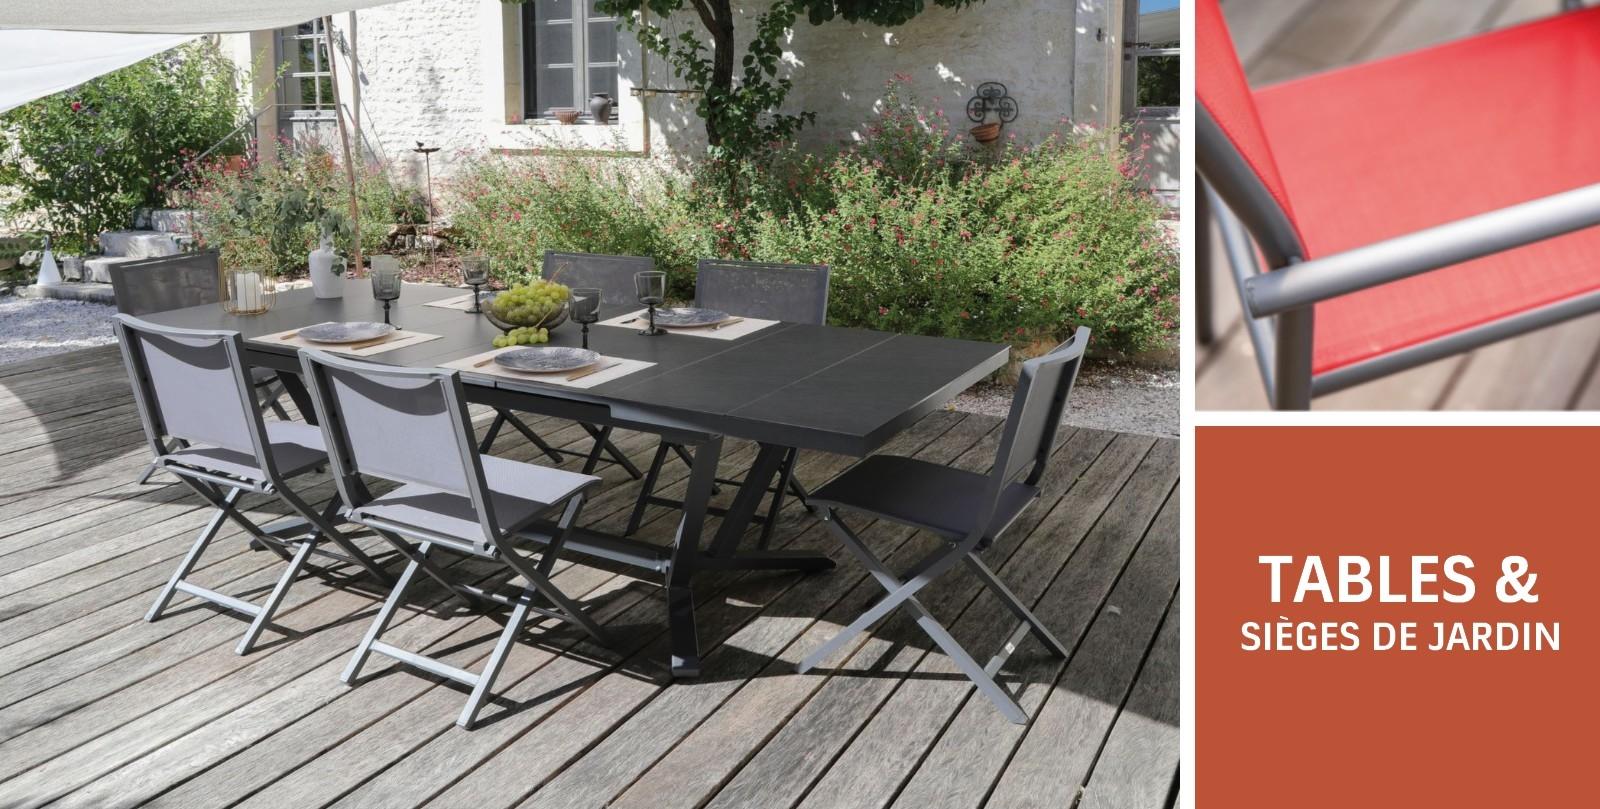 TABLES & sièges DE JARDIN